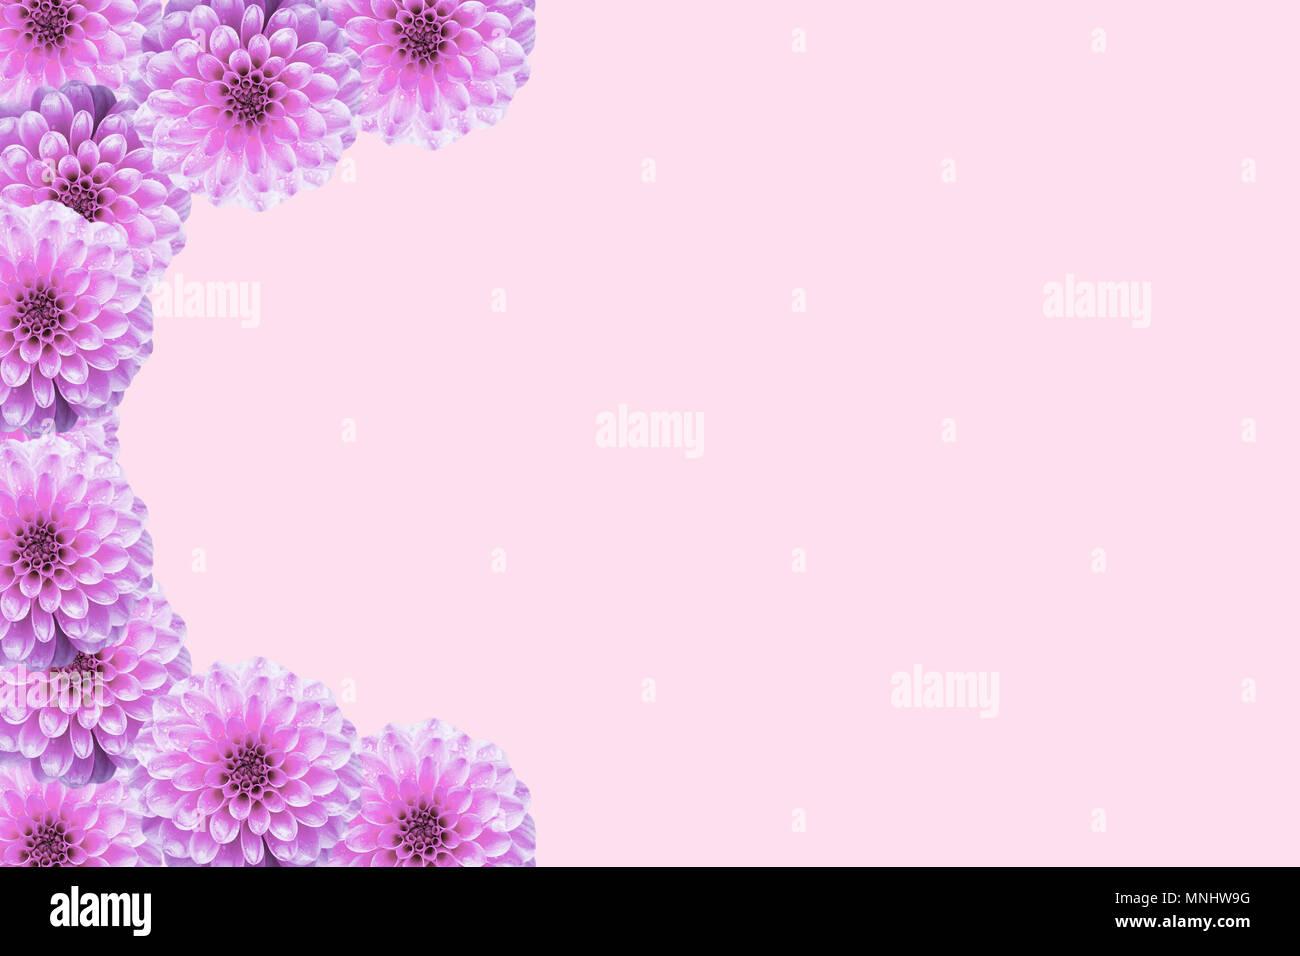 Cartolina Floreale Con Fiori Di Colore Rosa Dalia Collage Dalie